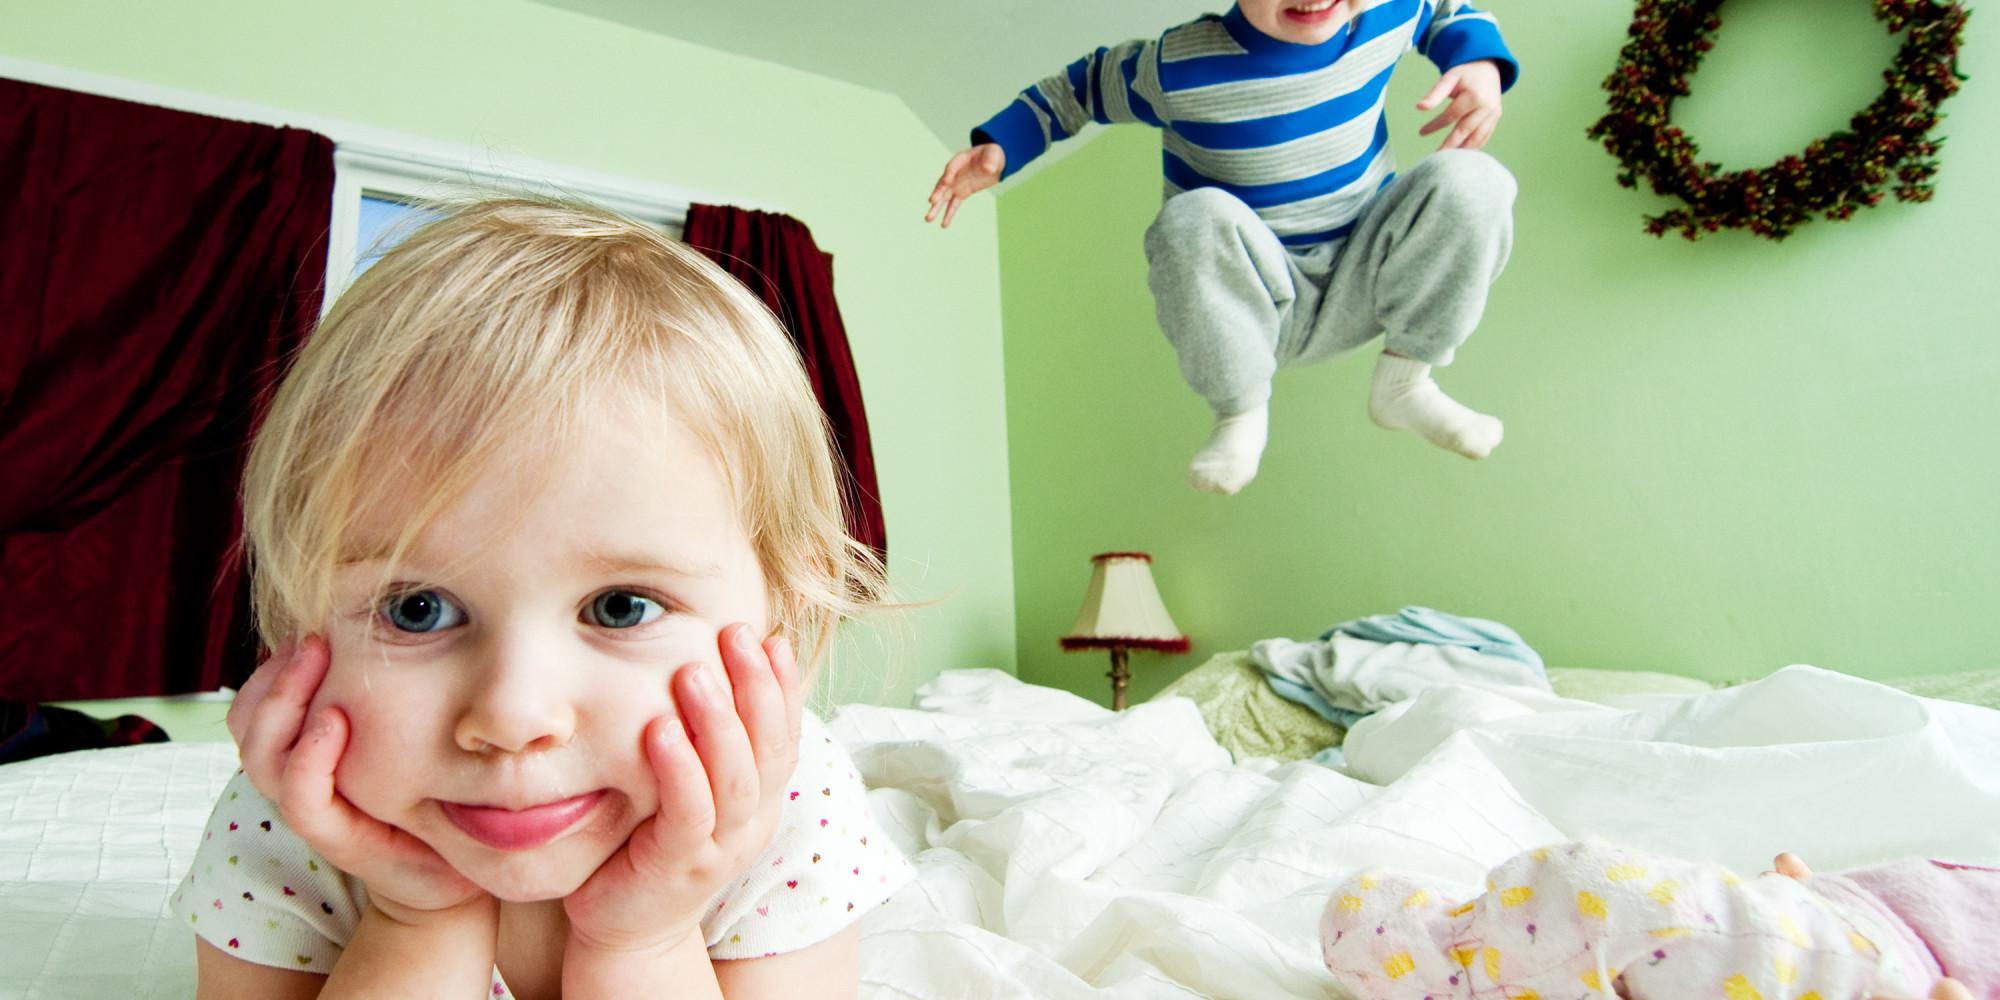 Чем занимаются подростки когда нет родителей дома 3 фотография